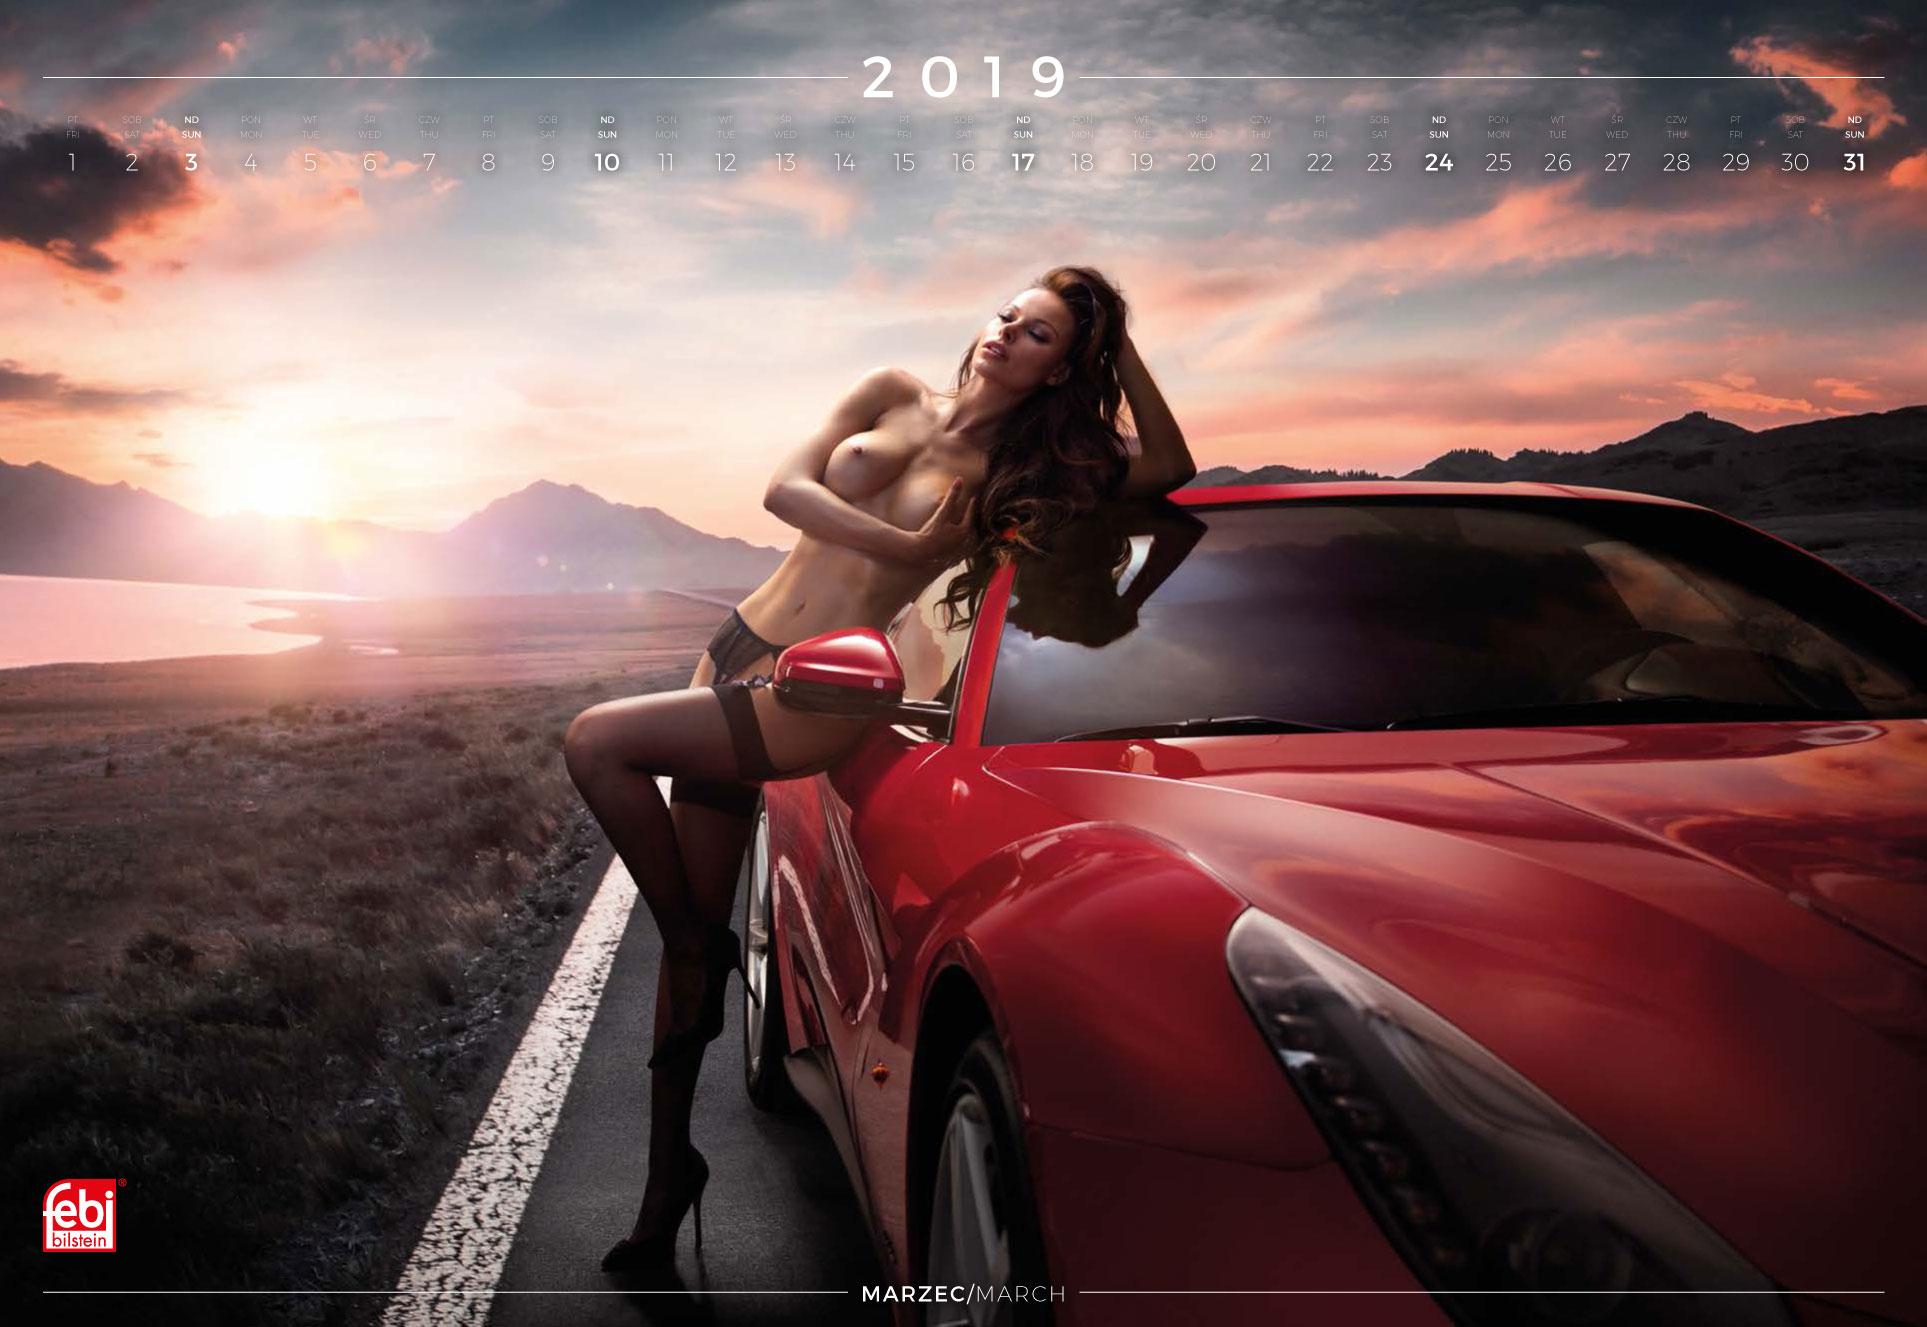 март - эротический календарь 2019 Inter Cars SA / польский дистрибьютор автомобилей, сопутствующих товаров и запчастей